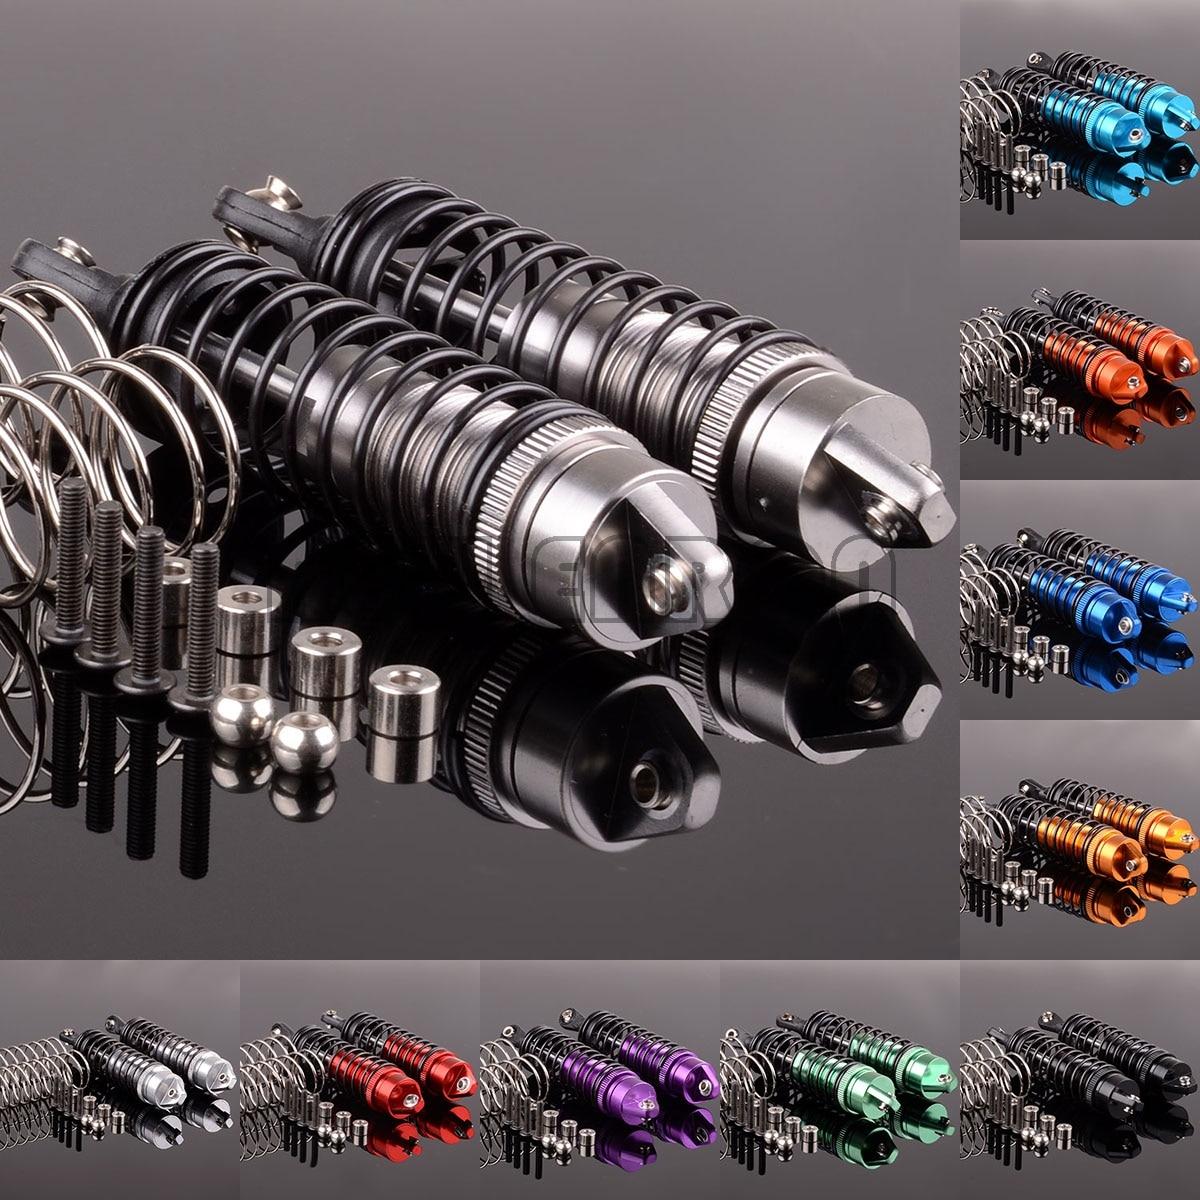 NEW ENRON 2P/4P Aluminum Front 72-90MM/Rear 80-102MM Oil Shock Absorber Damper SLA023-24 For RC Traxxas Slash 4x4 Stampede